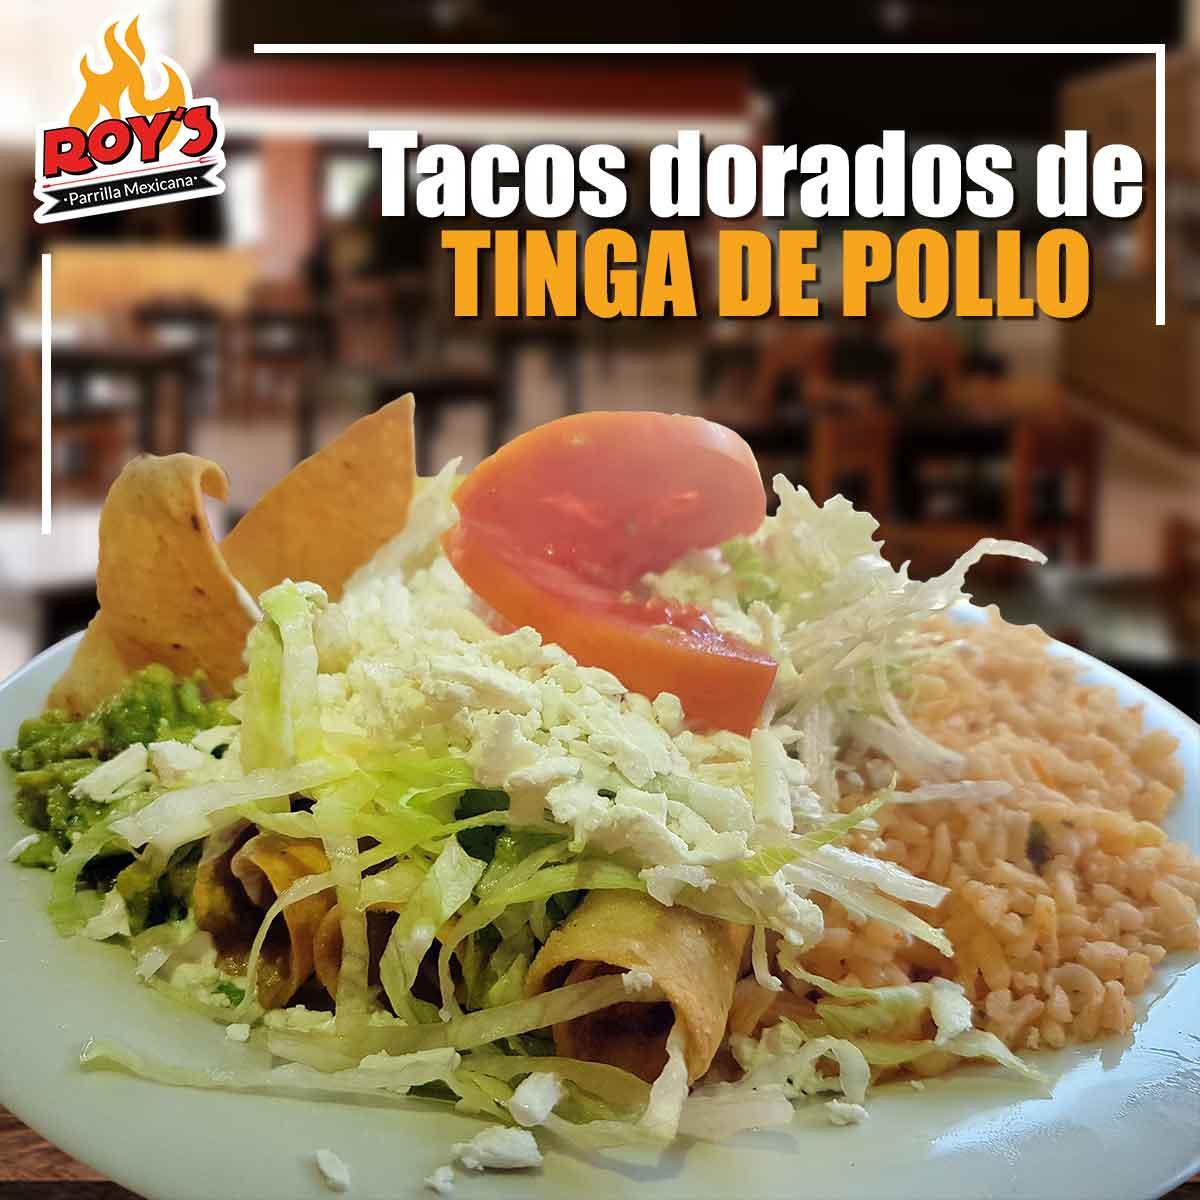 Tacos Dorados de Tinga de Pollo